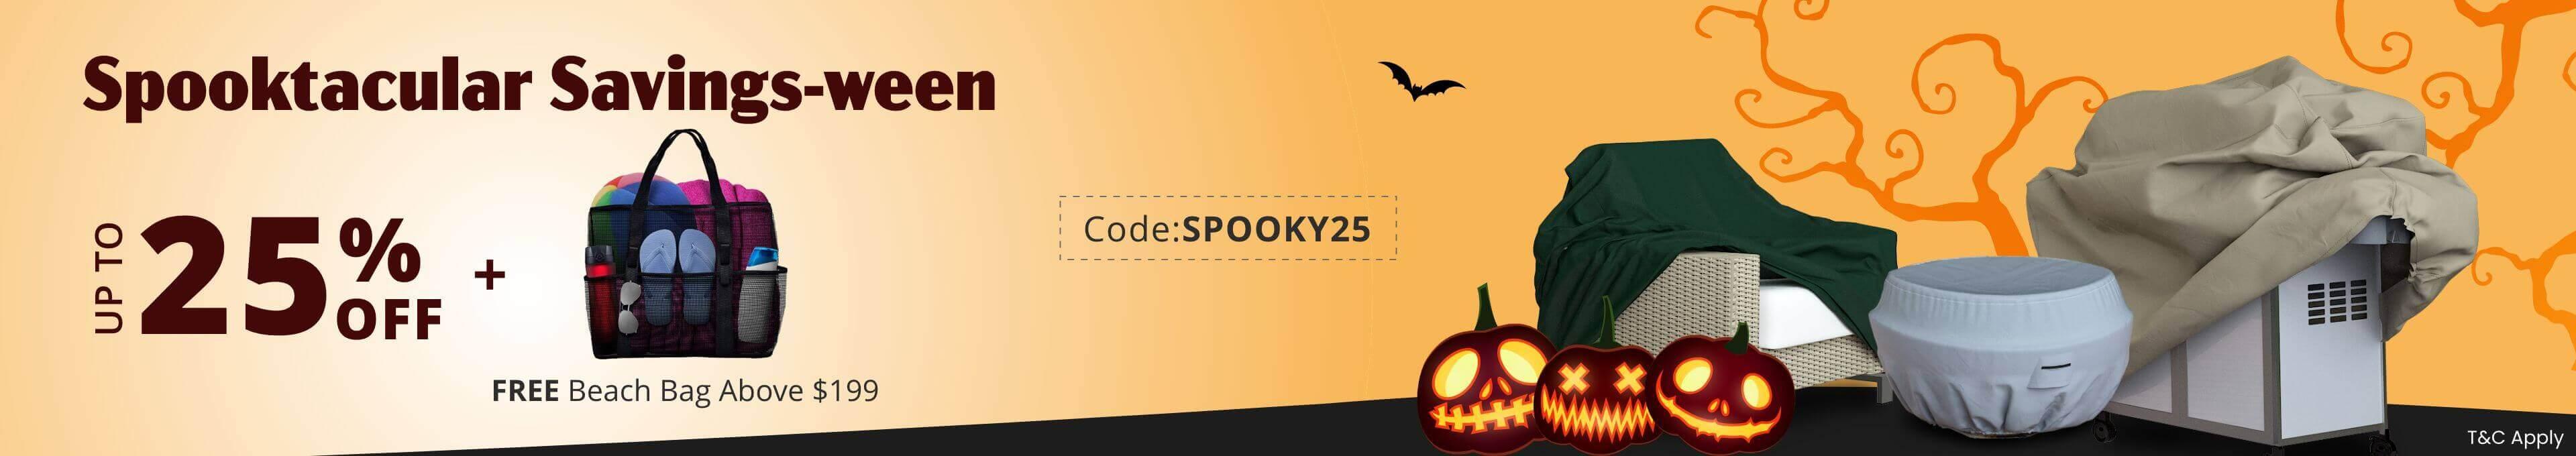 Spooktacular Savings-ween